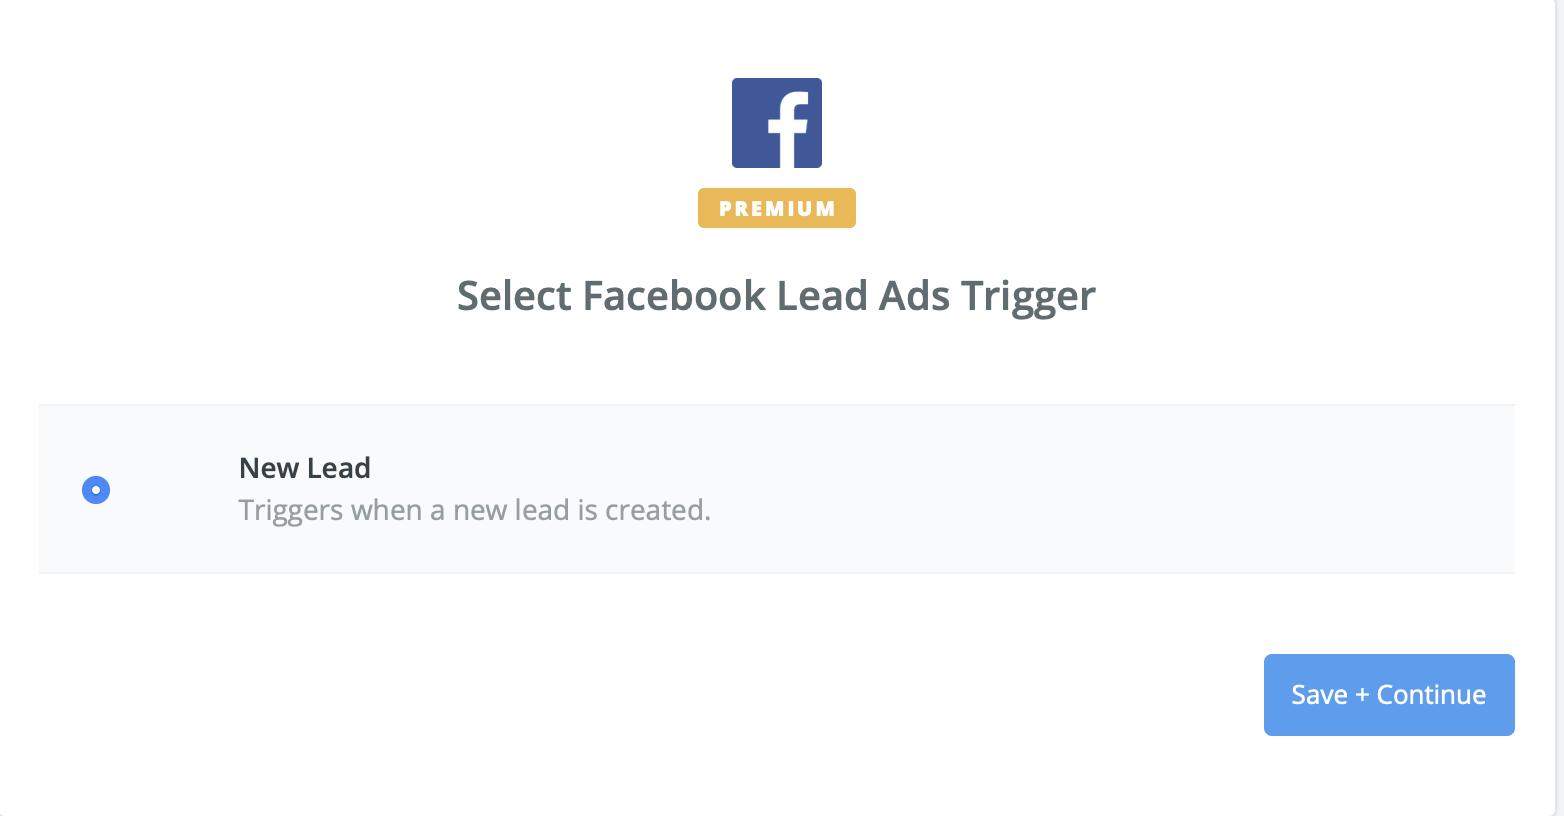 Zapier Trigger New Lead Ad